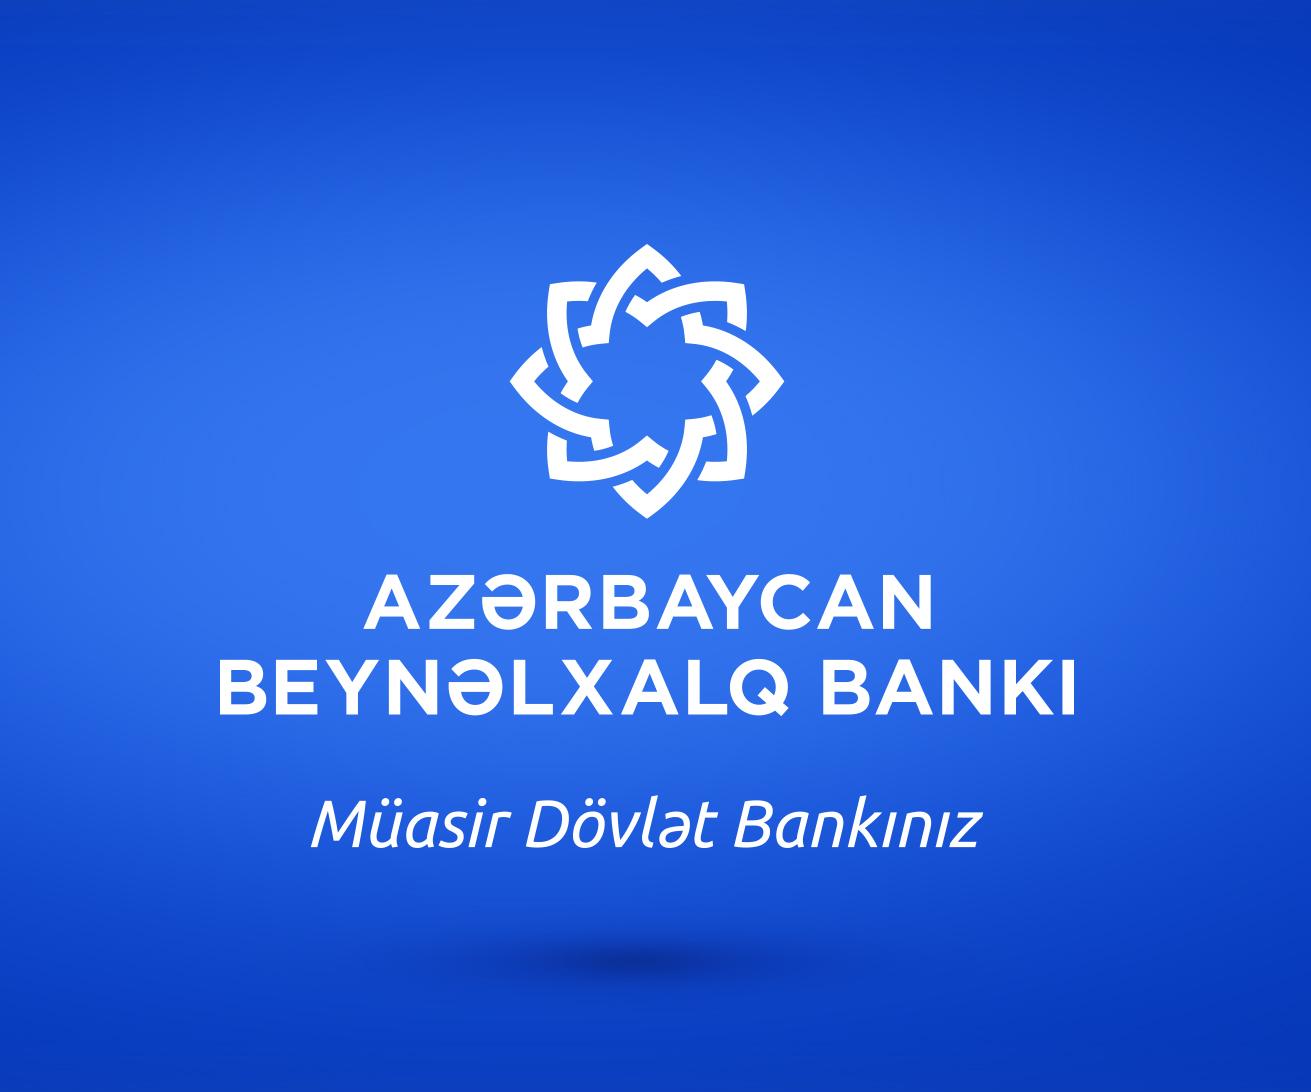 Beynəlxalq bank 319 milyon manat mənfəət açıqladı - HESABAT